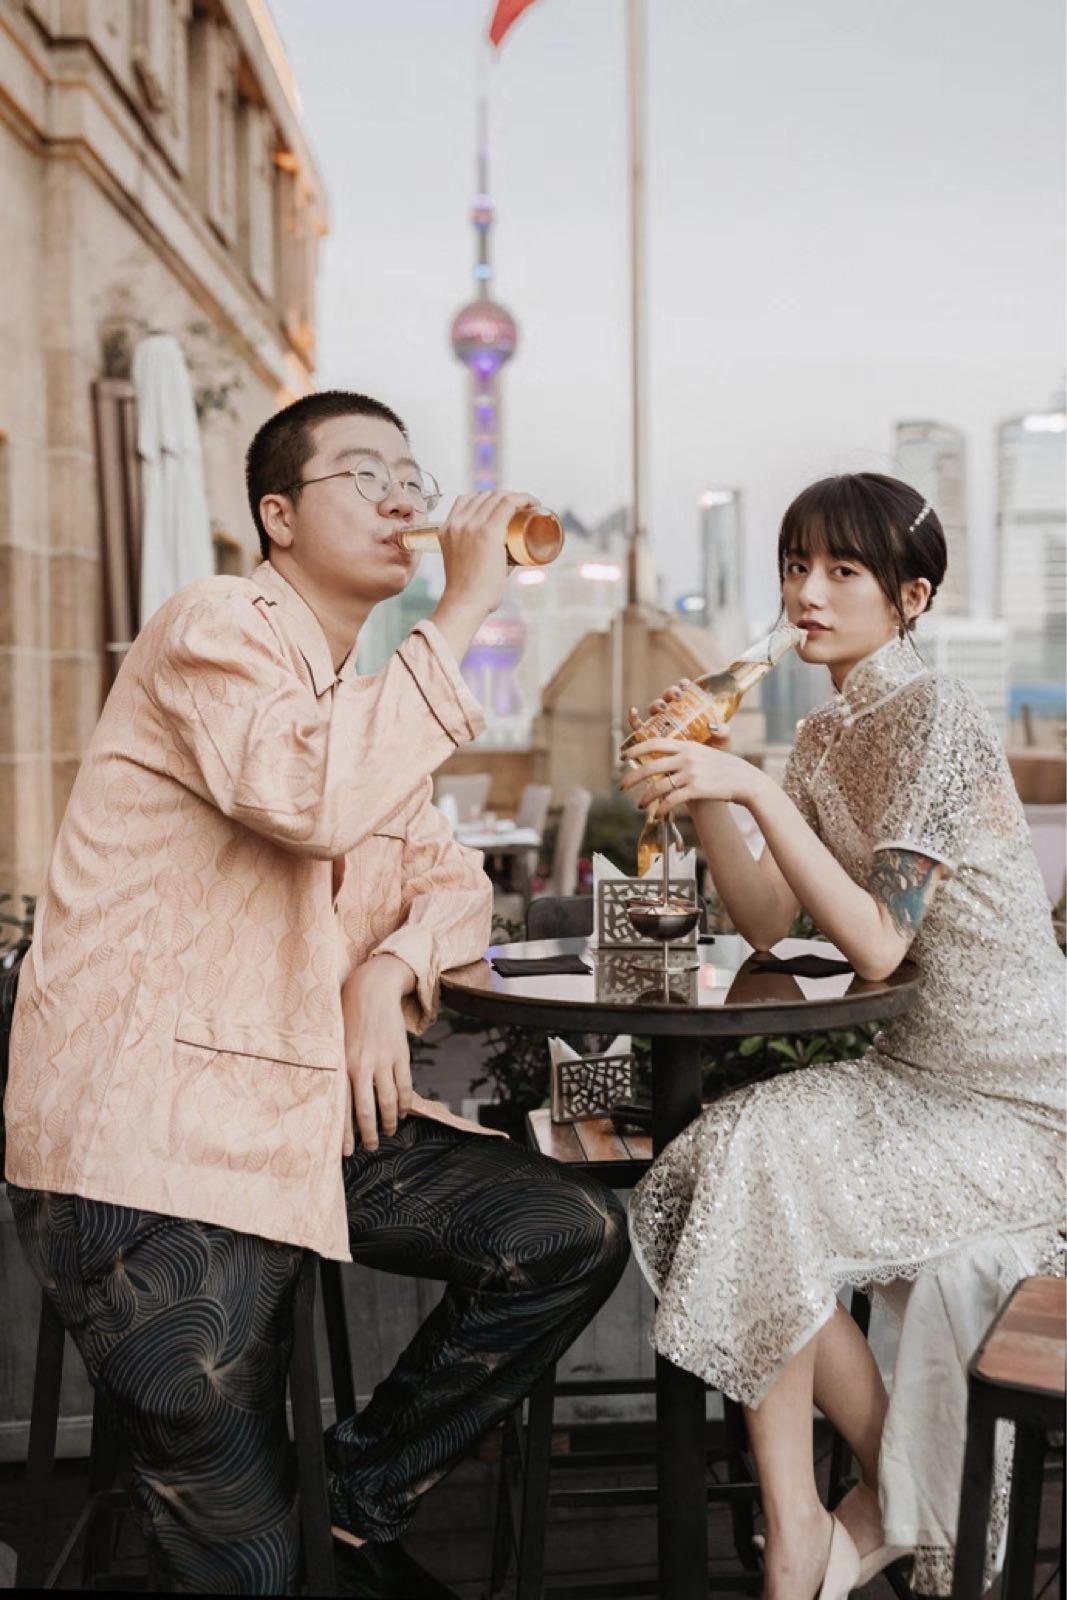 李诞黑尾酱婚纱照凌晨曝光 (8).jpg